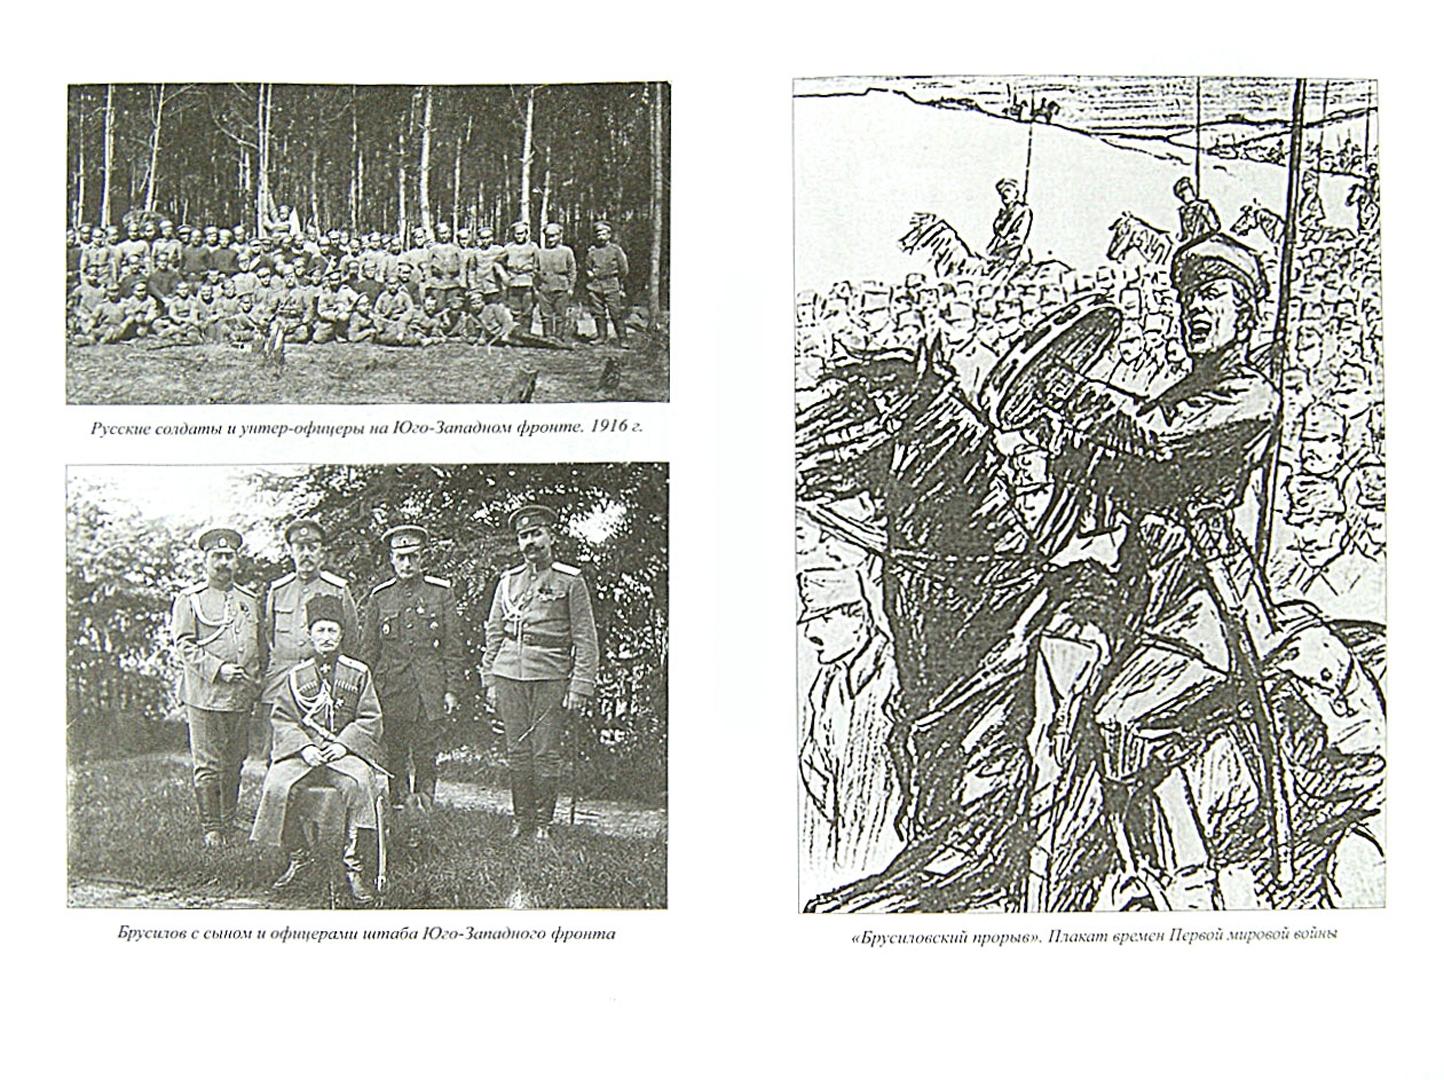 Иллюстрация 1 из 7 для Брусиловский прорыв - Александр Бобров   Лабиринт - книги. Источник: Лабиринт